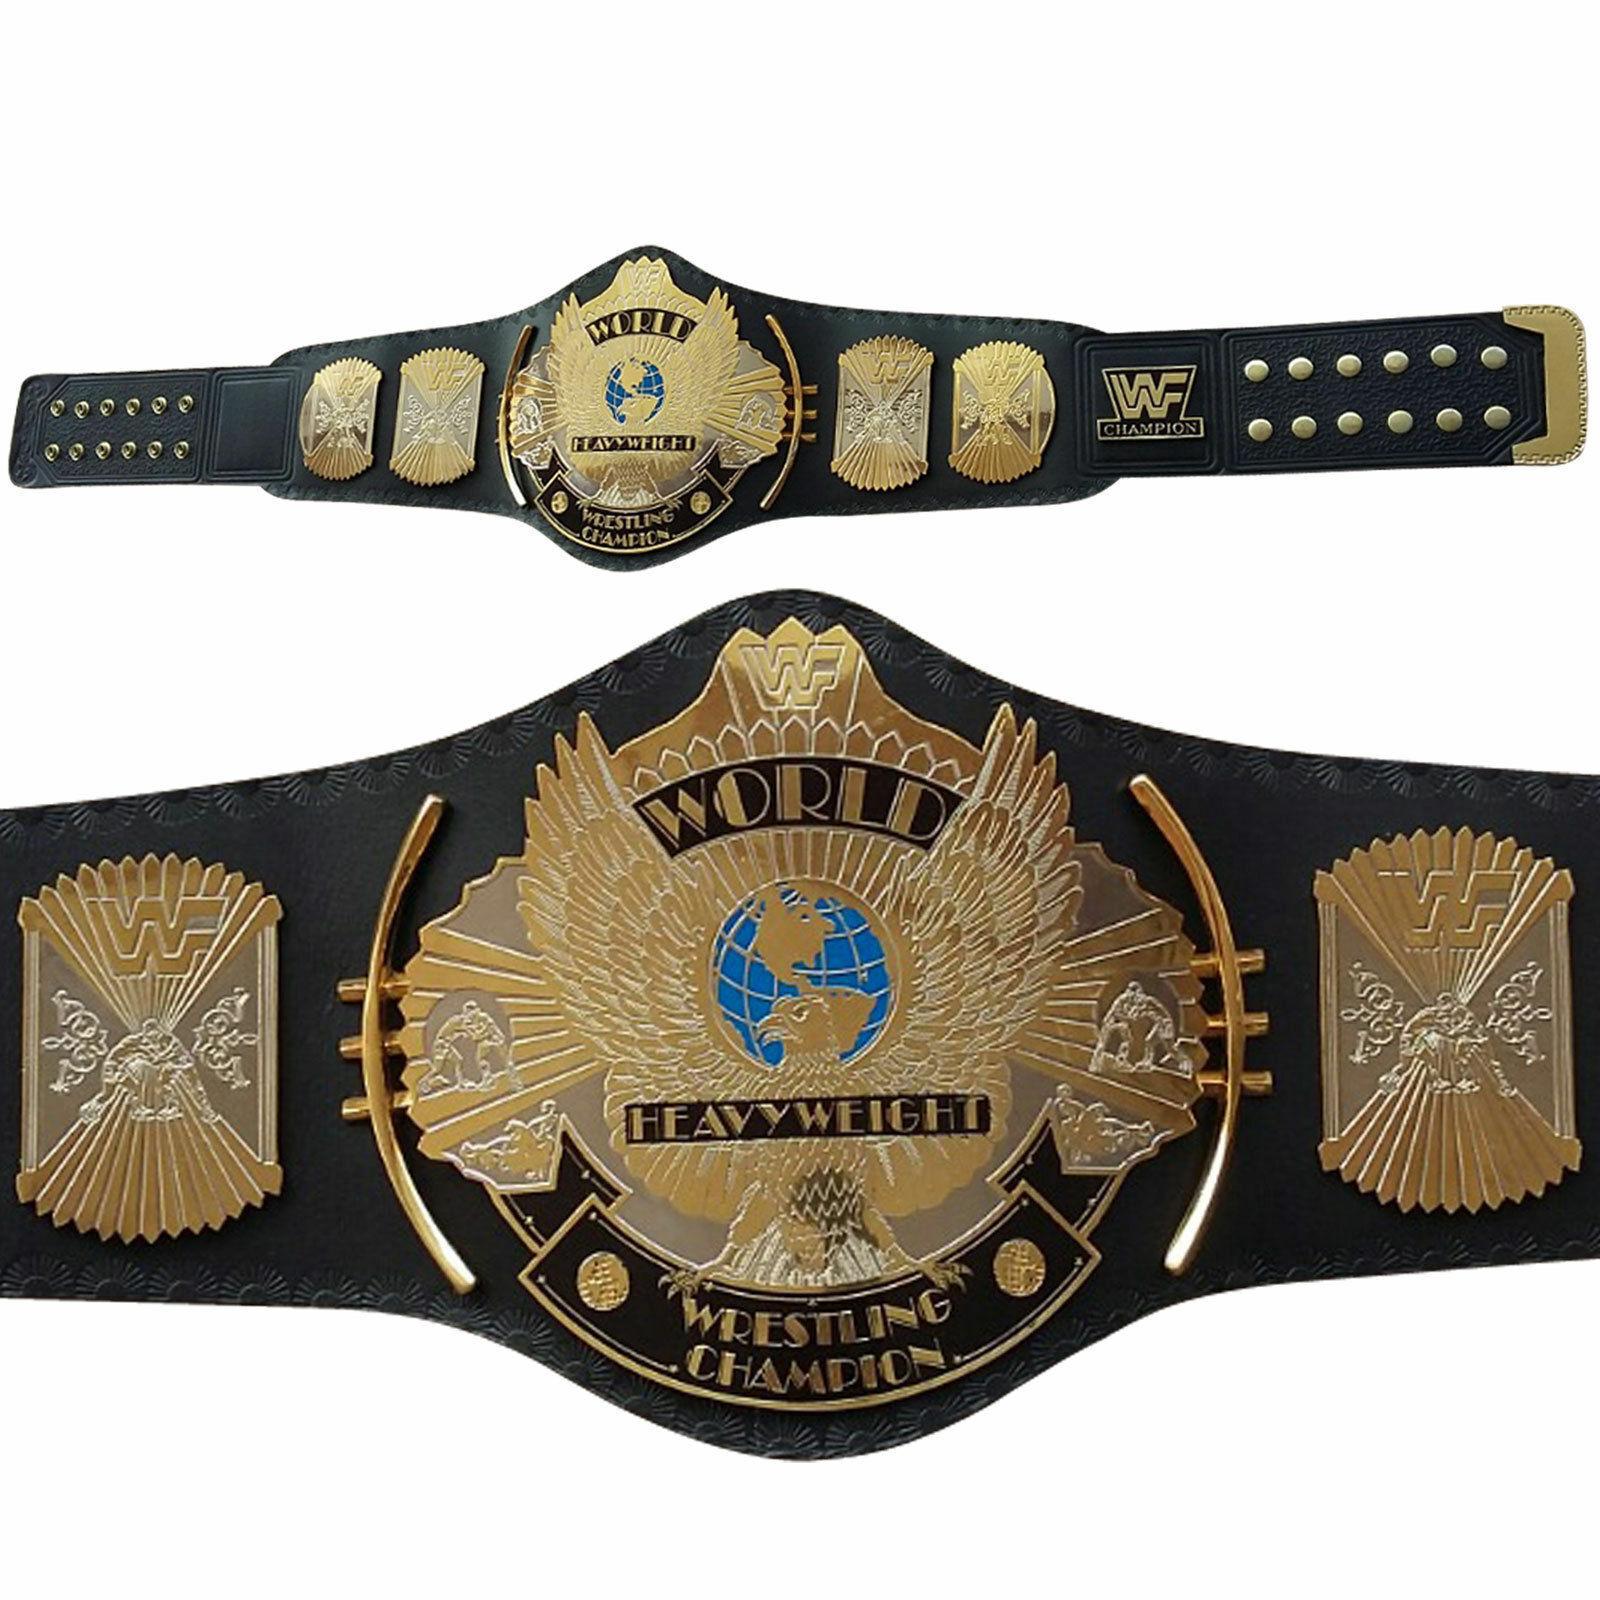 WWE WWF Dual Placcato oro aquila alata Cintura Wrestling campionato in mettuttio per adulti